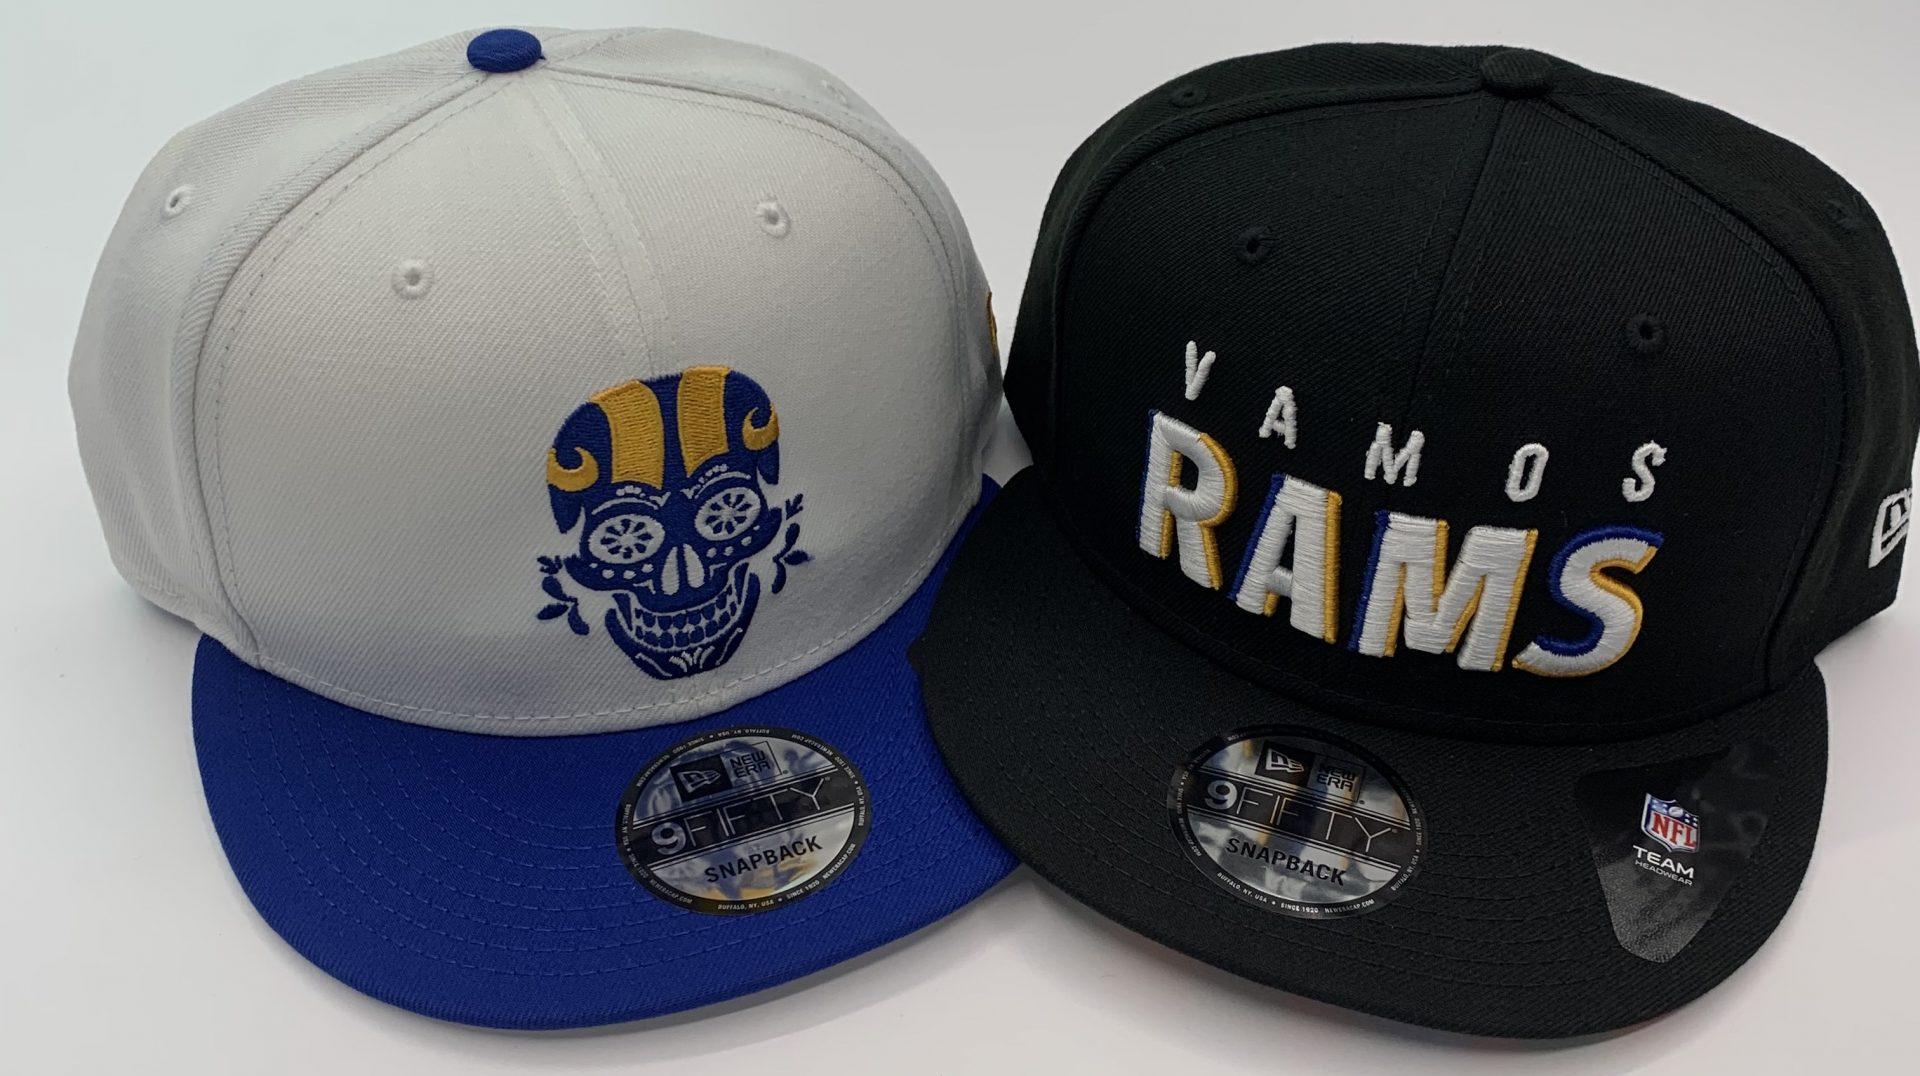 Vamos Rams Is a Go in LA